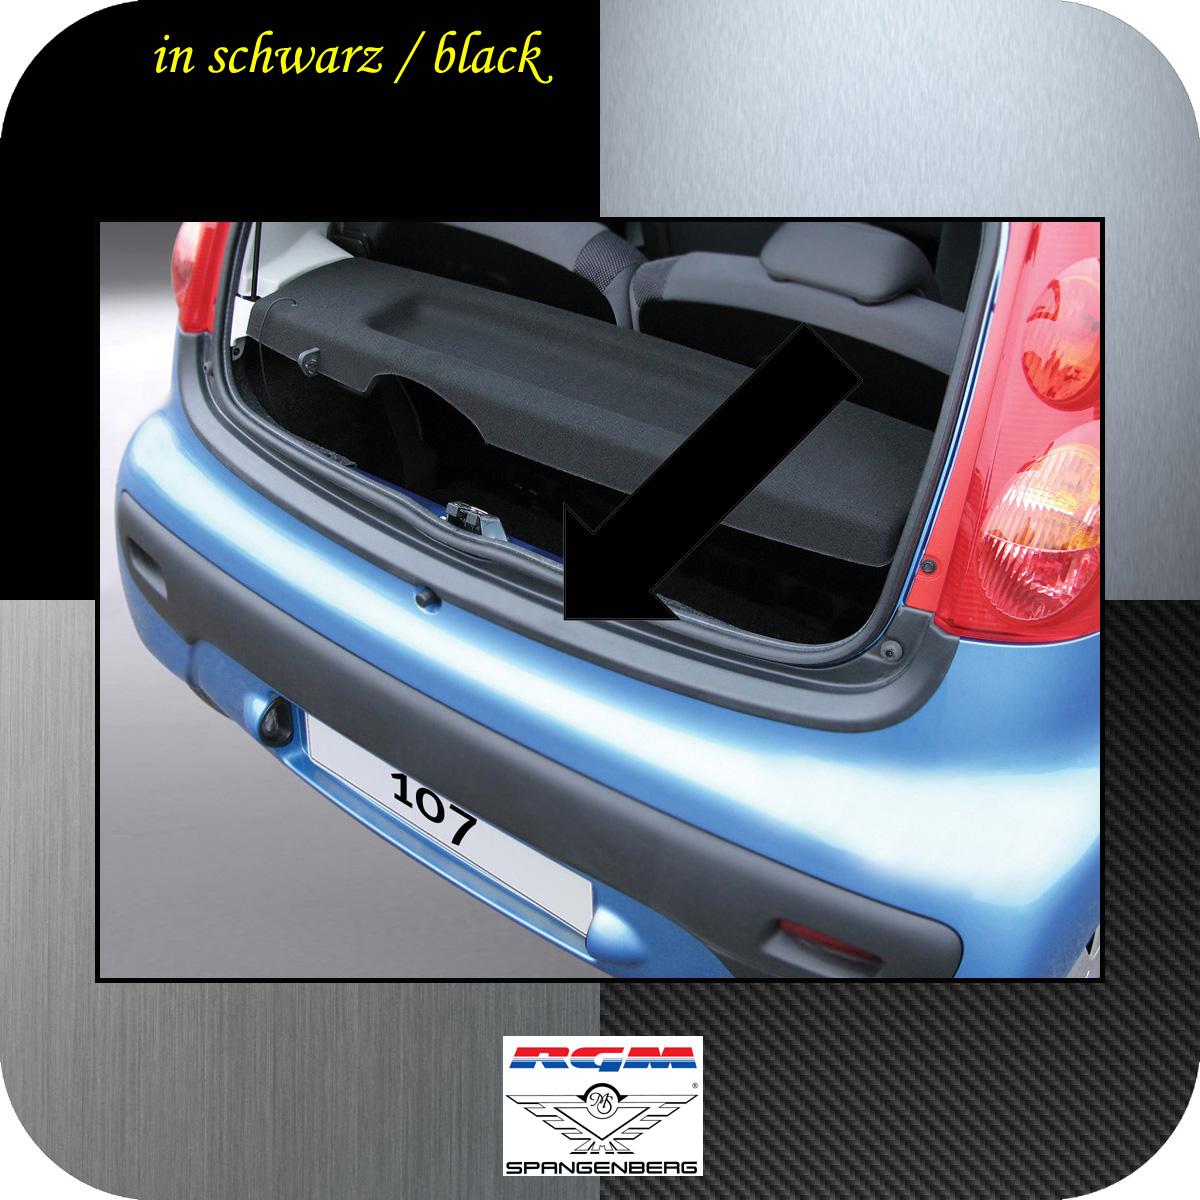 Ladekantenschutz schwarz Peugeot 107 Schrägheck ab Baujahr 2005- 3500290